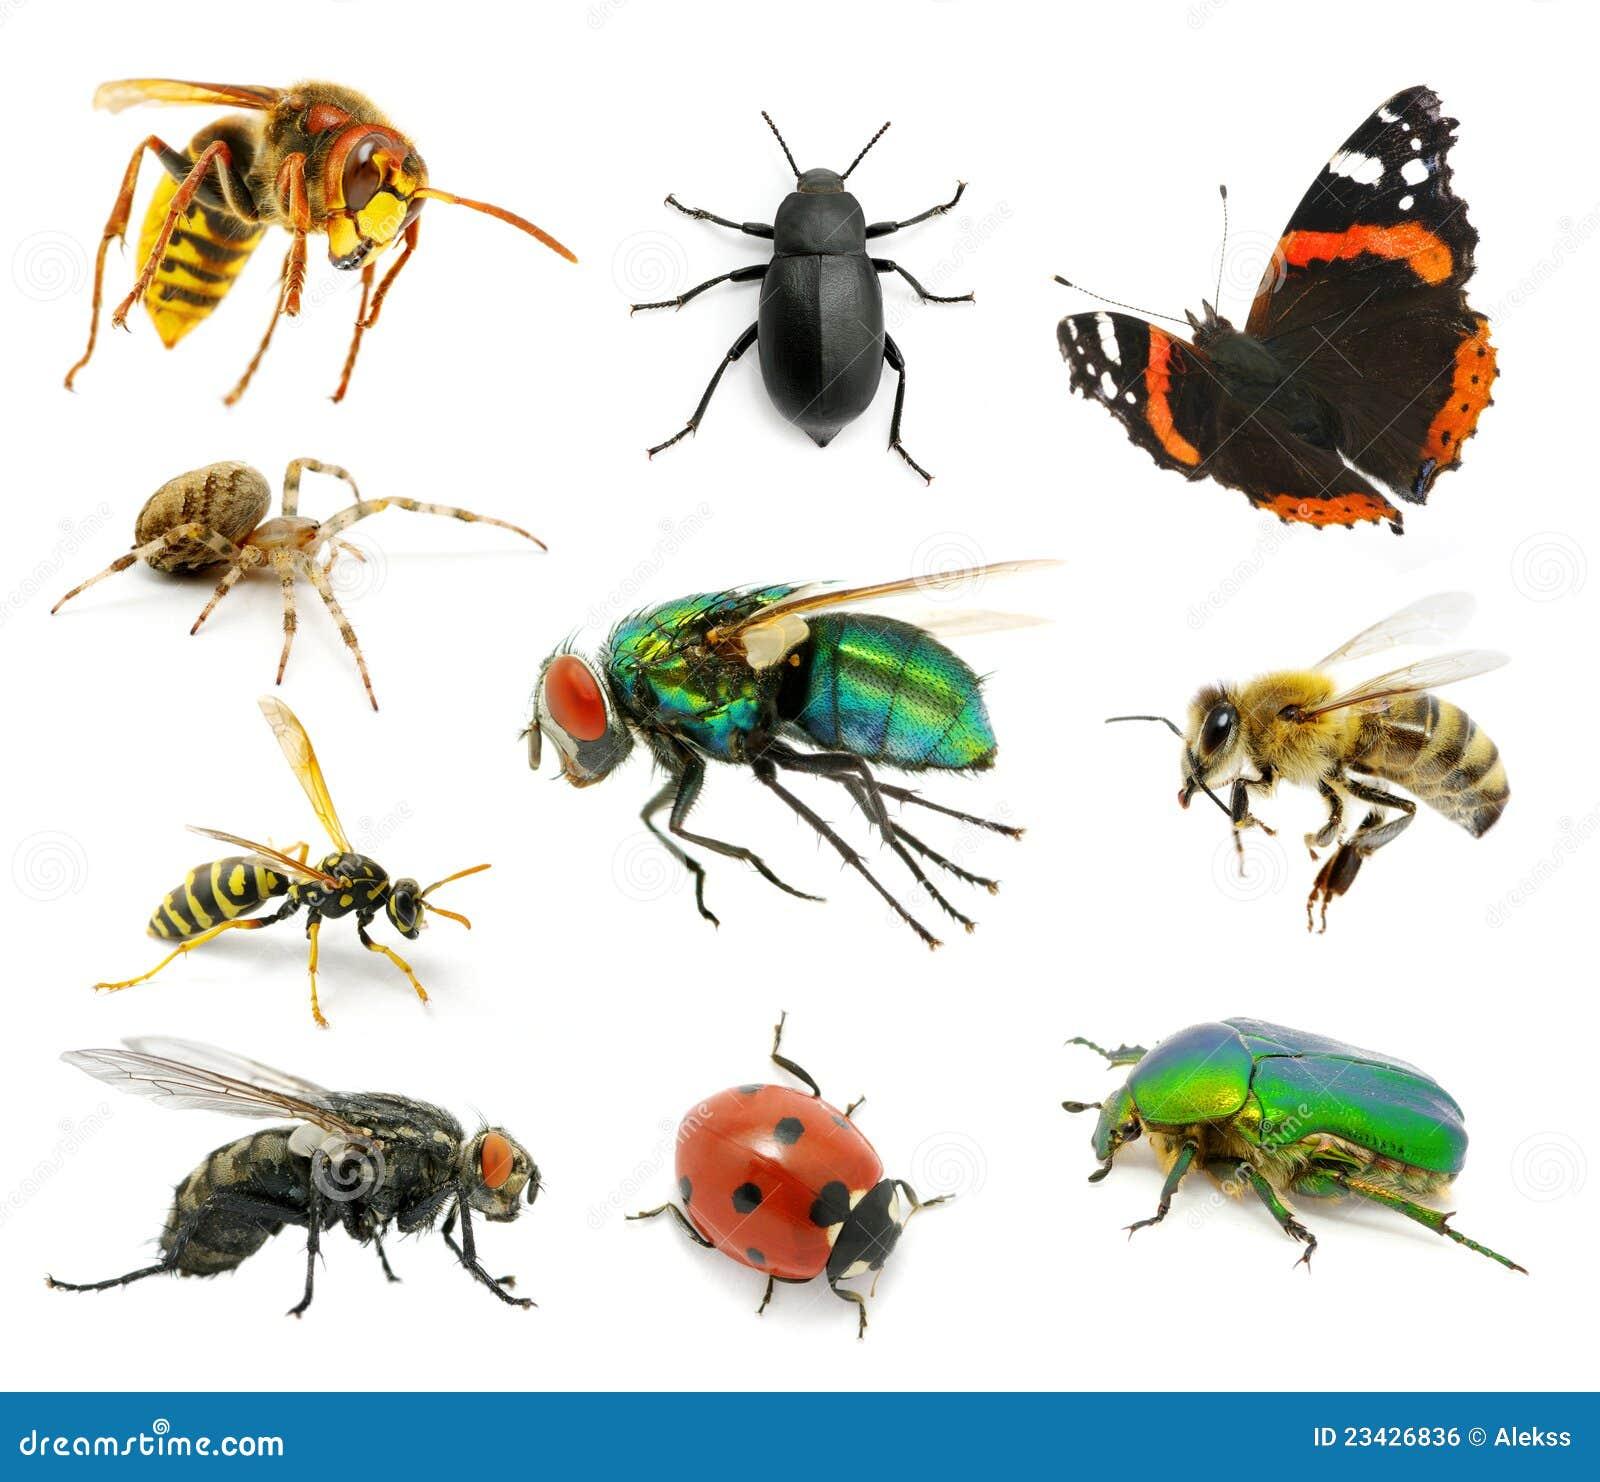 国画昆虫图片大全_茶趣国画_国画昆虫-圈子花园图片